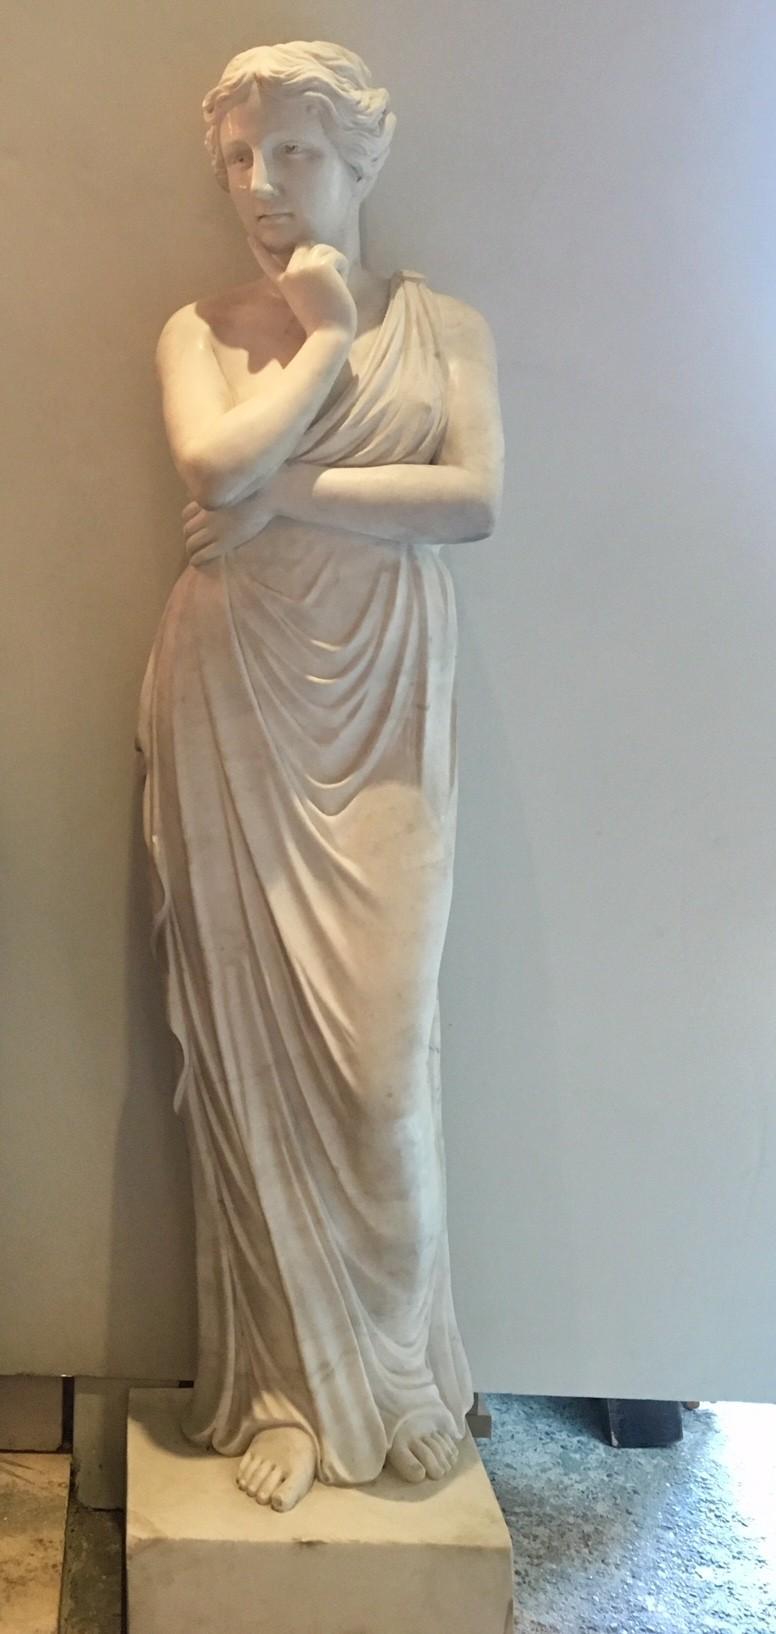 Prachtig handgehakt marmer Venus sculptuur